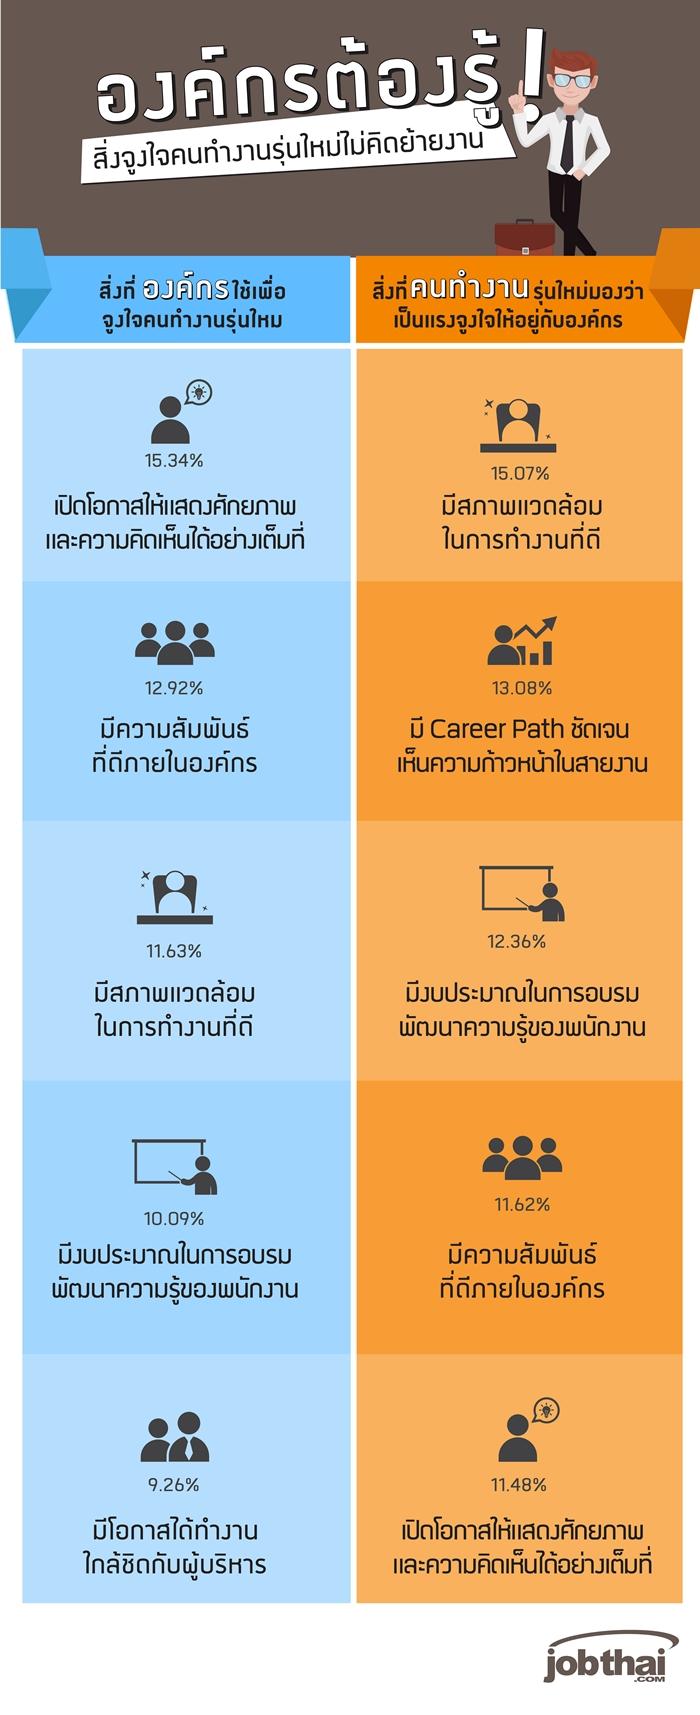 Infographic_องค์กรต้องรู้ สิ่งจูงใจคนทำงานรุ่นใหม่-700